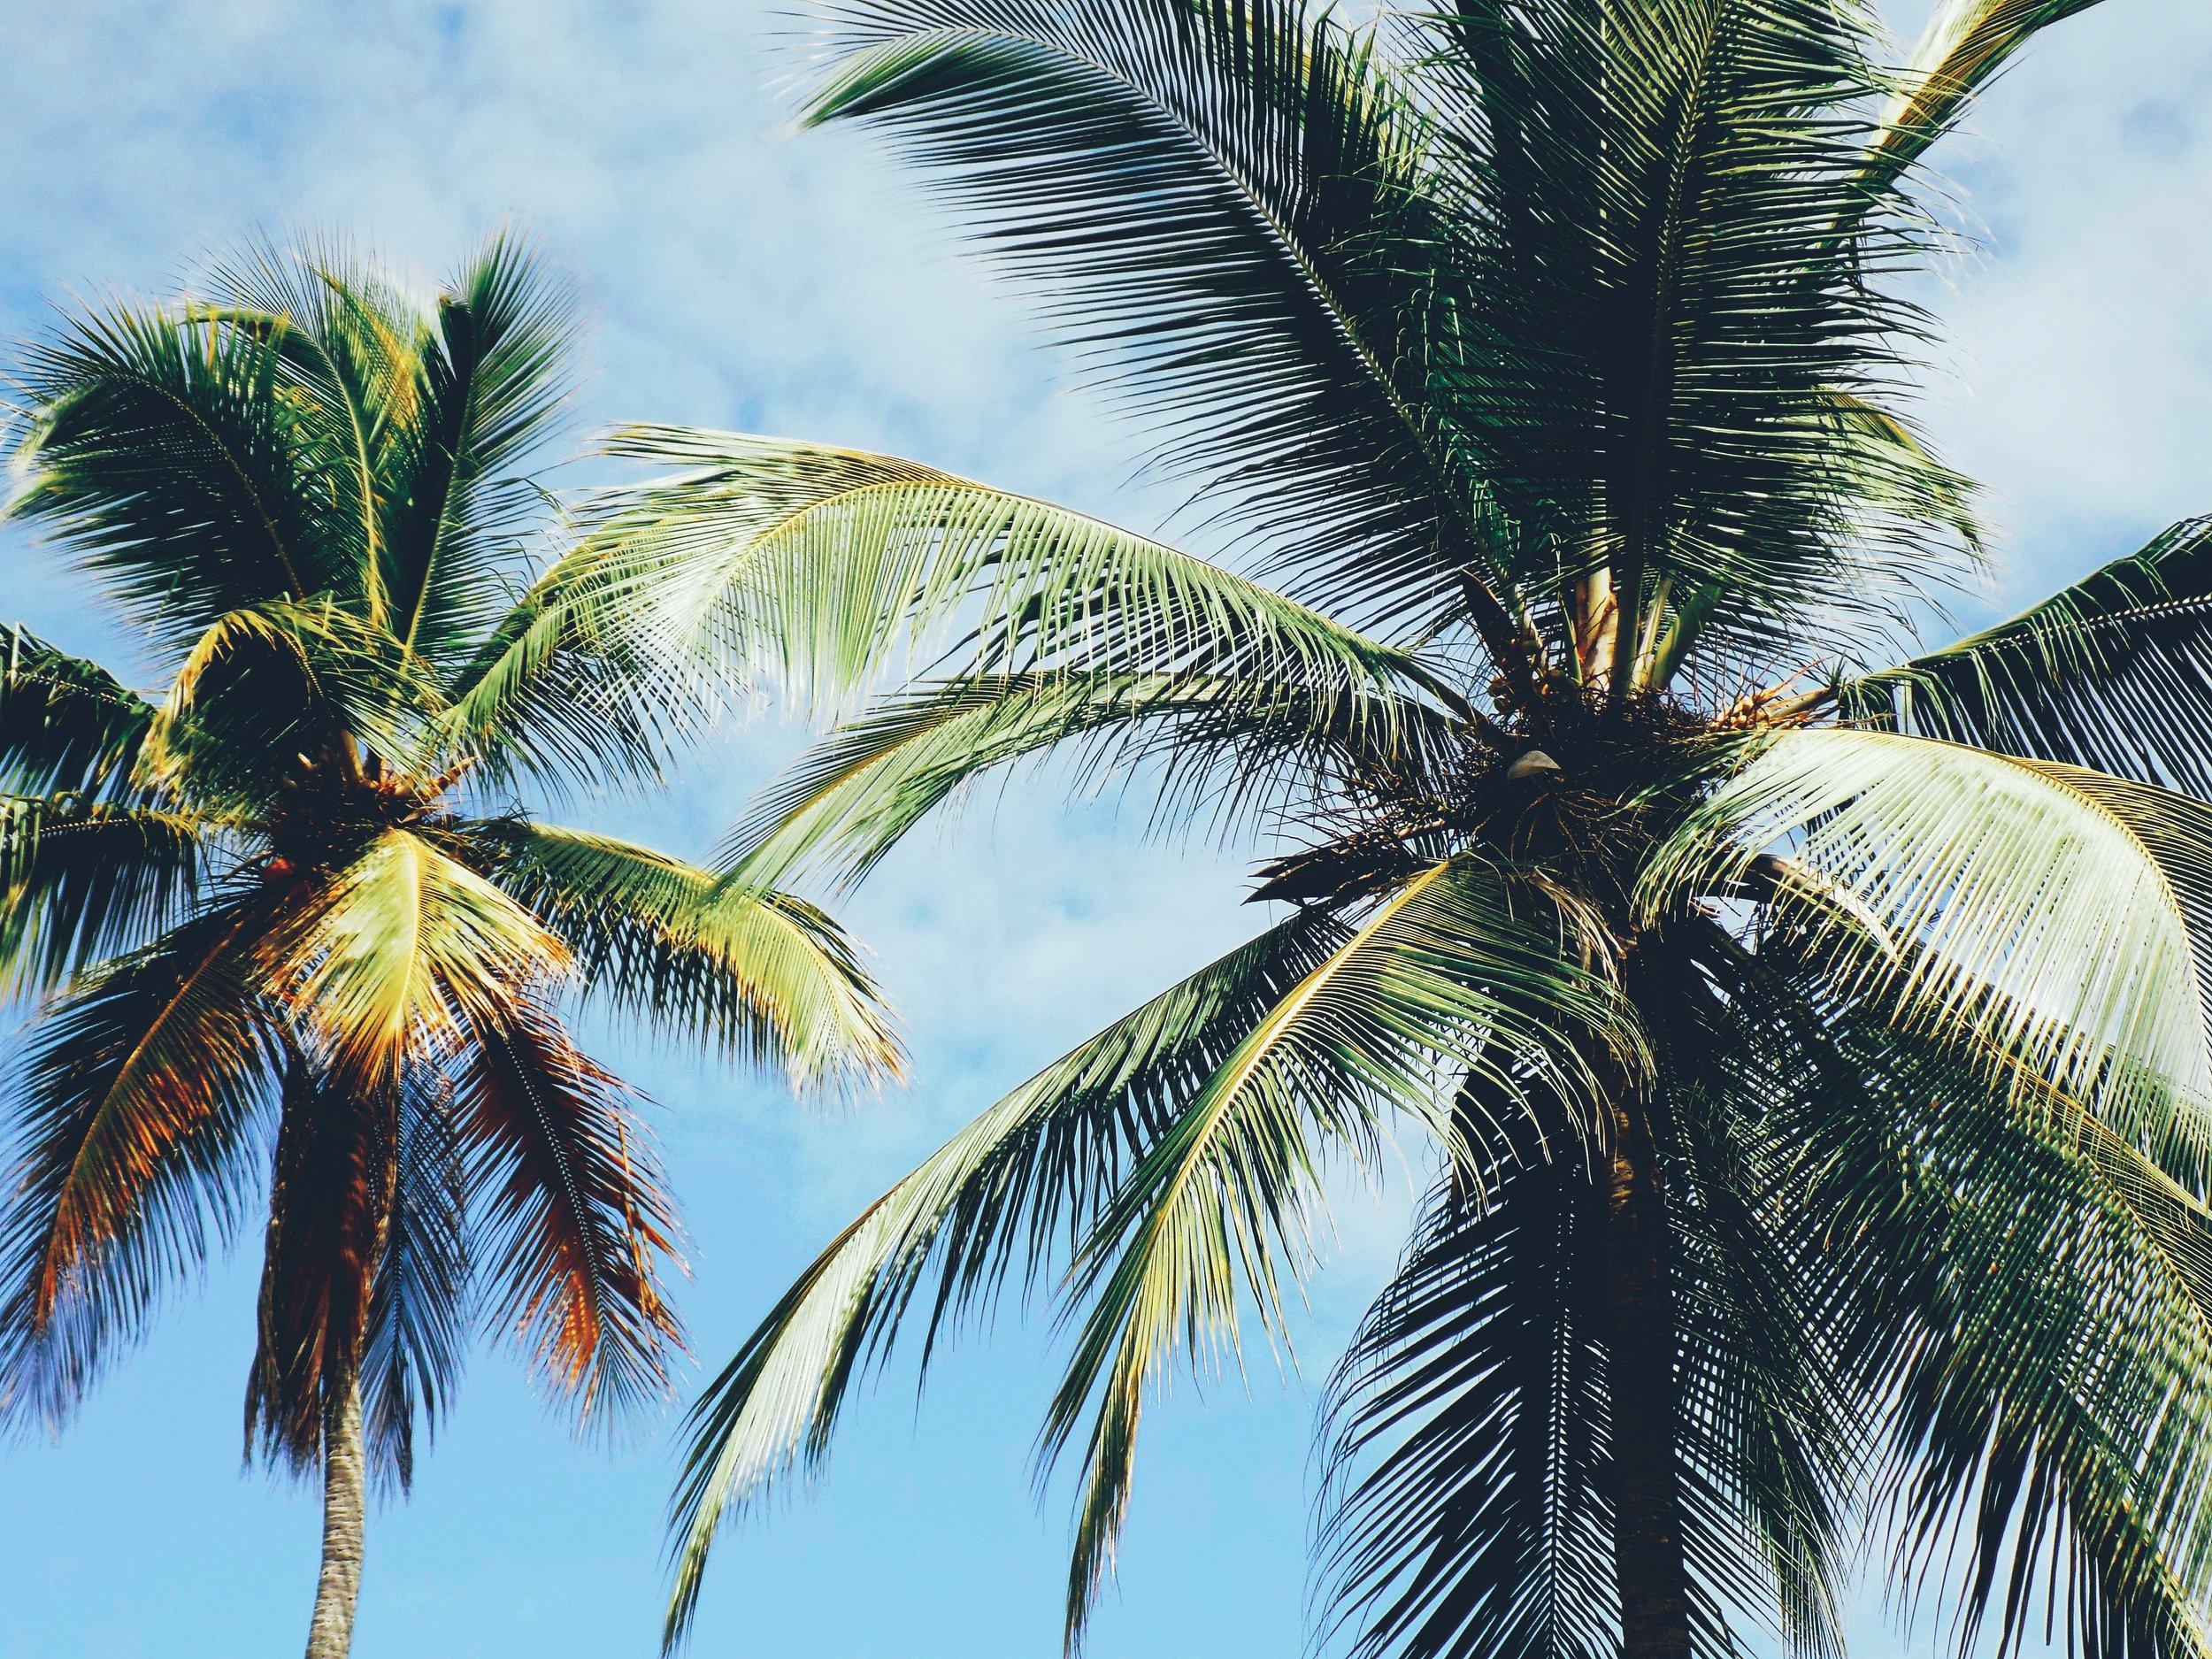 palmiers seulement.jpg